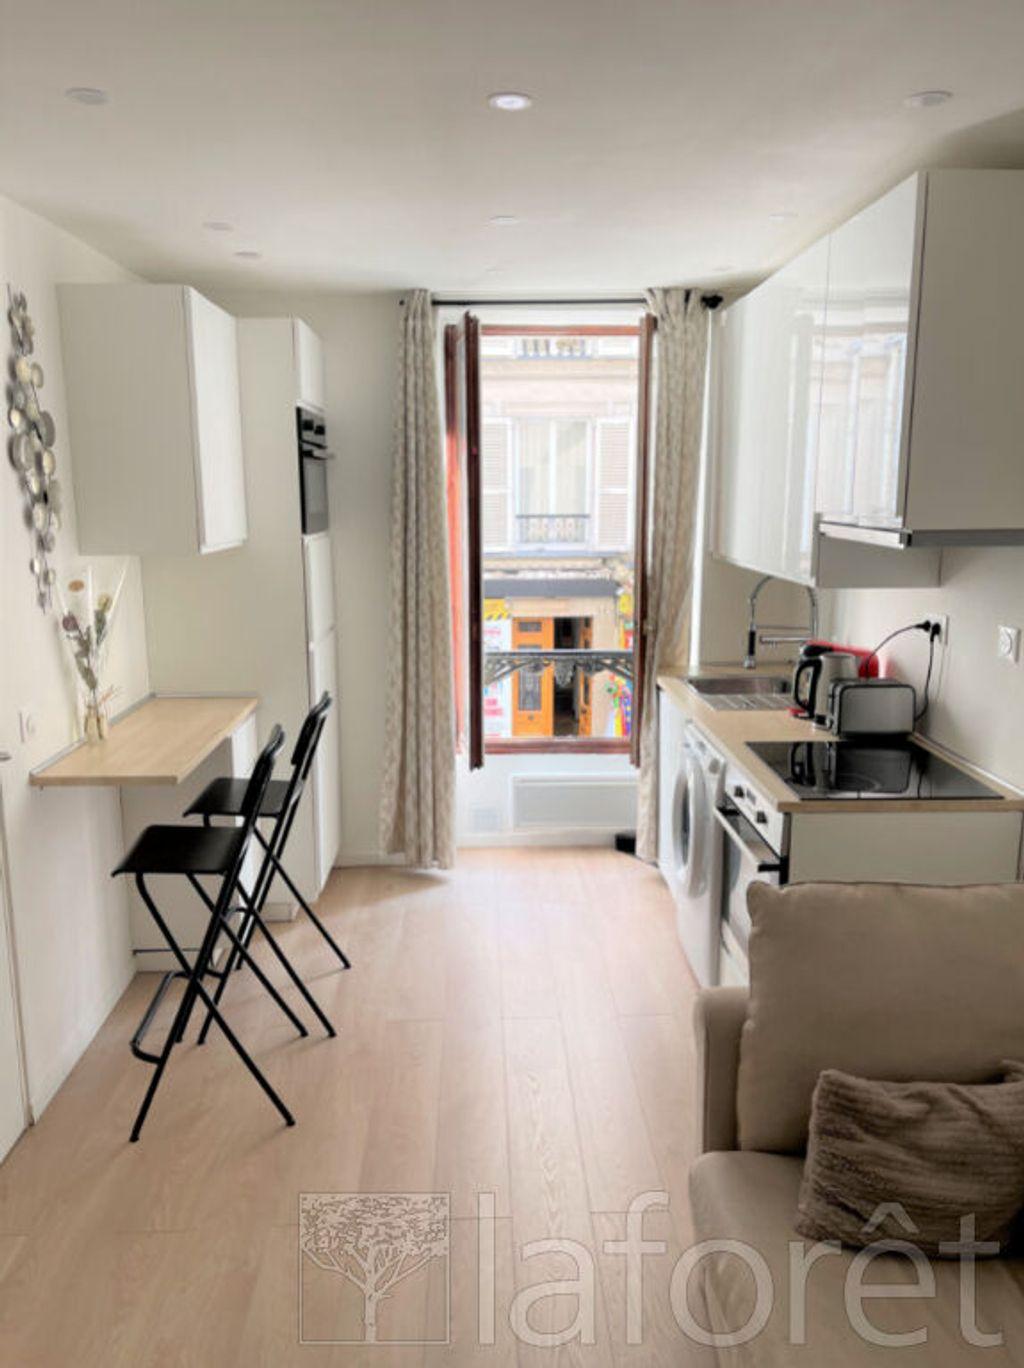 Achat appartement 2pièces 26m² - Paris 9ème arrondissement